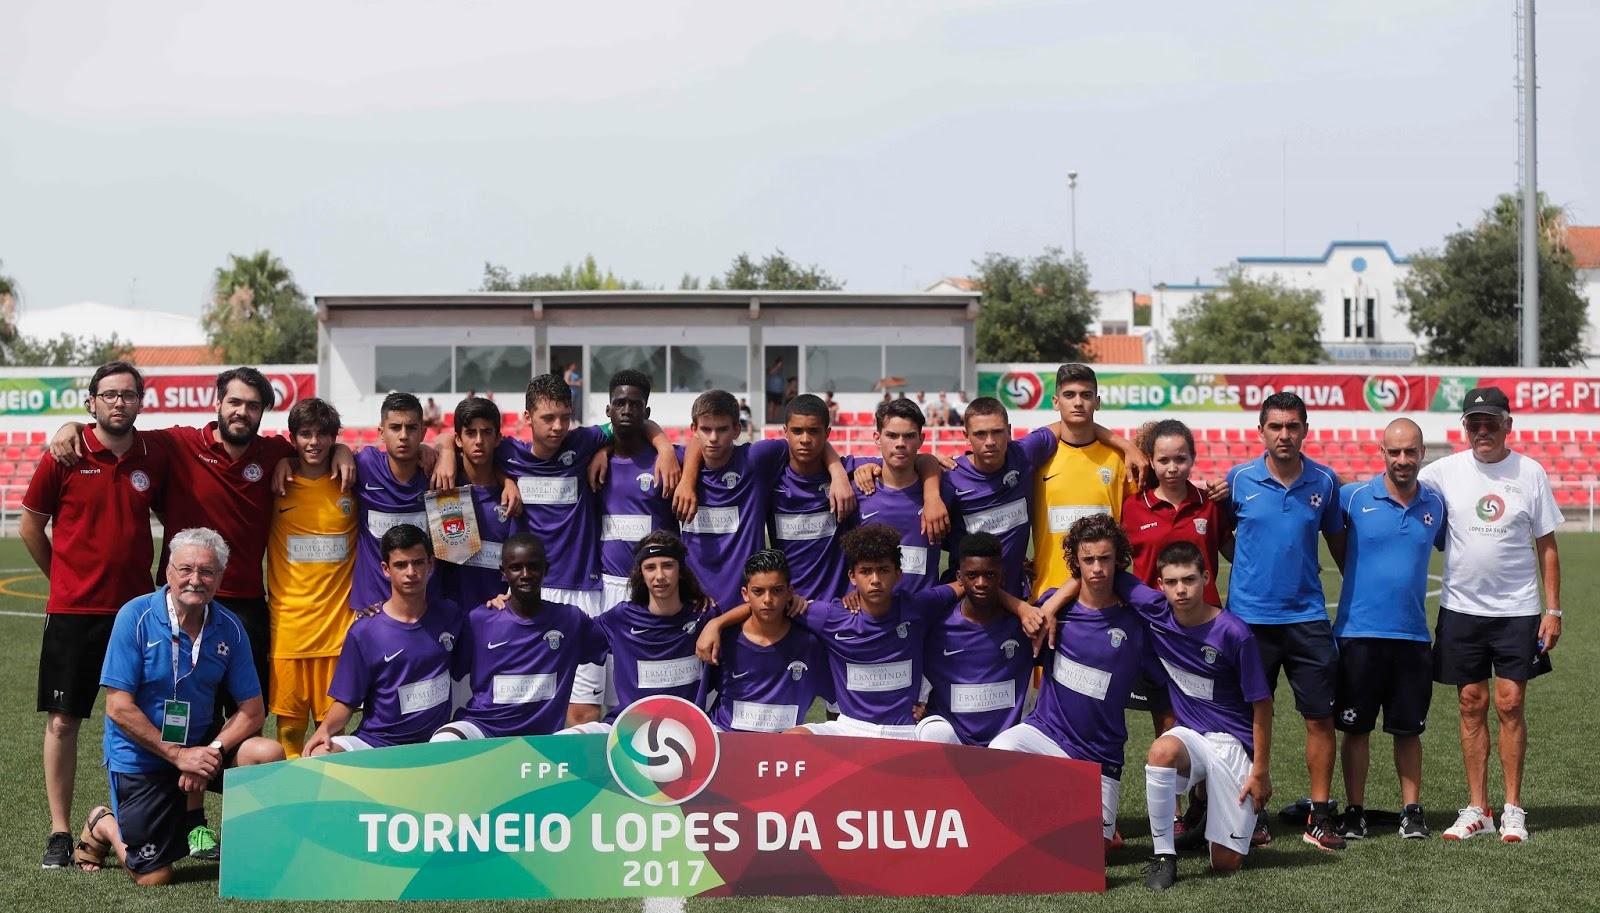 A seleção da Associação de Futebol de Setúbal.Foto  Diogo Pinto FPF 7e3d15545c722